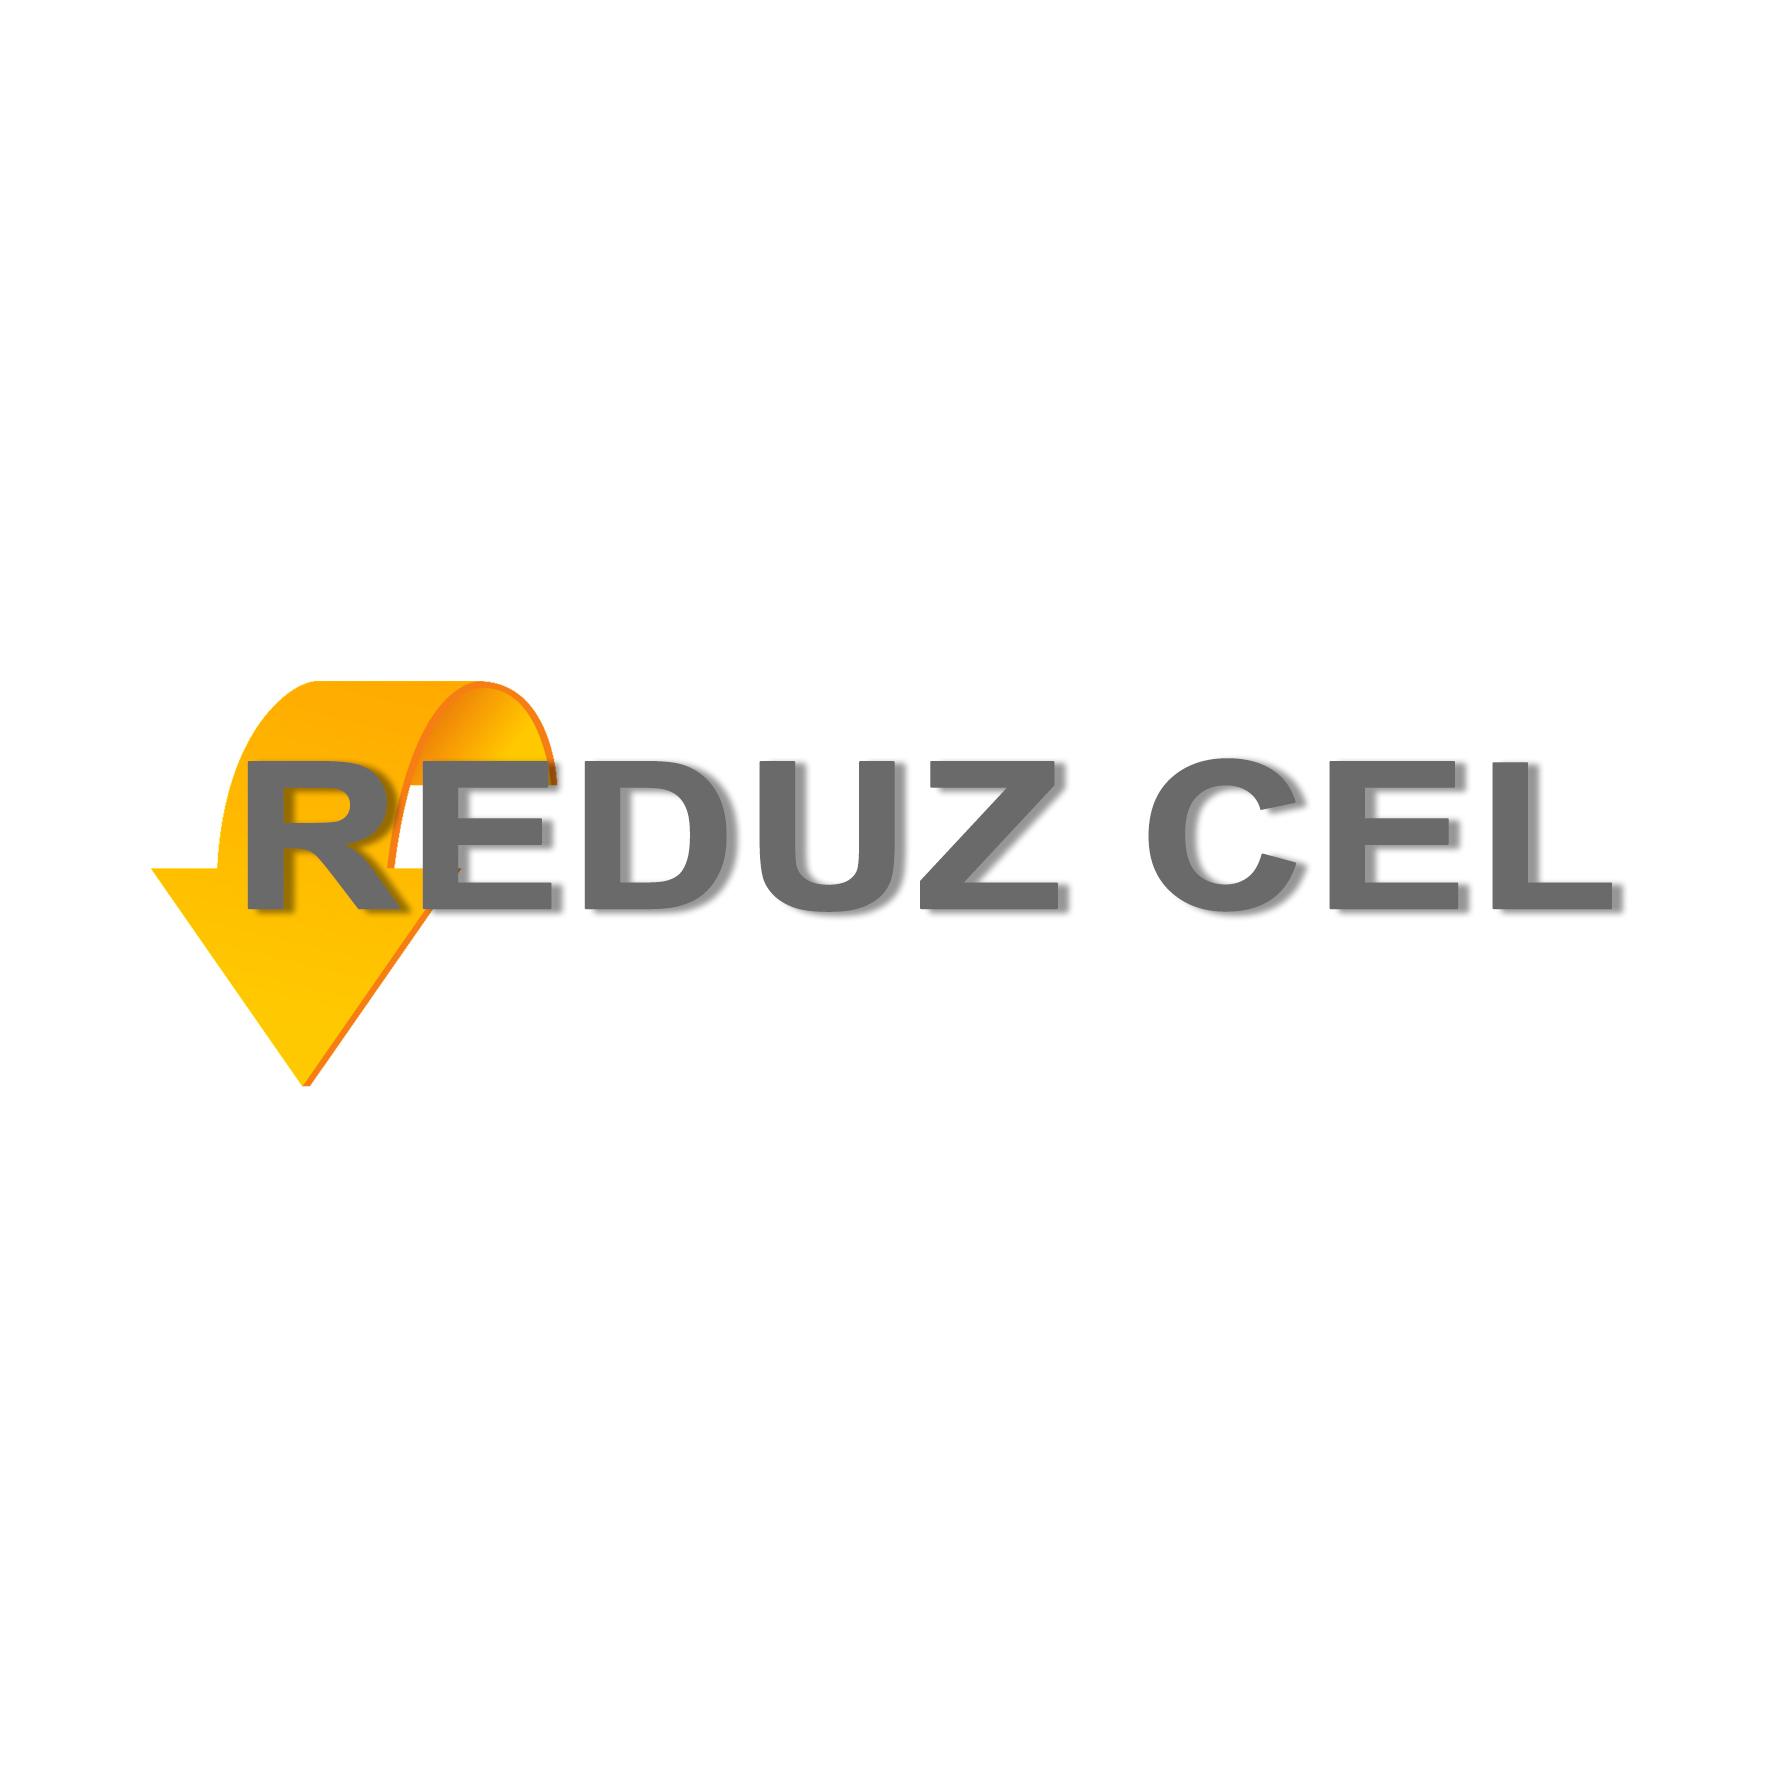 REDUZ-1-1